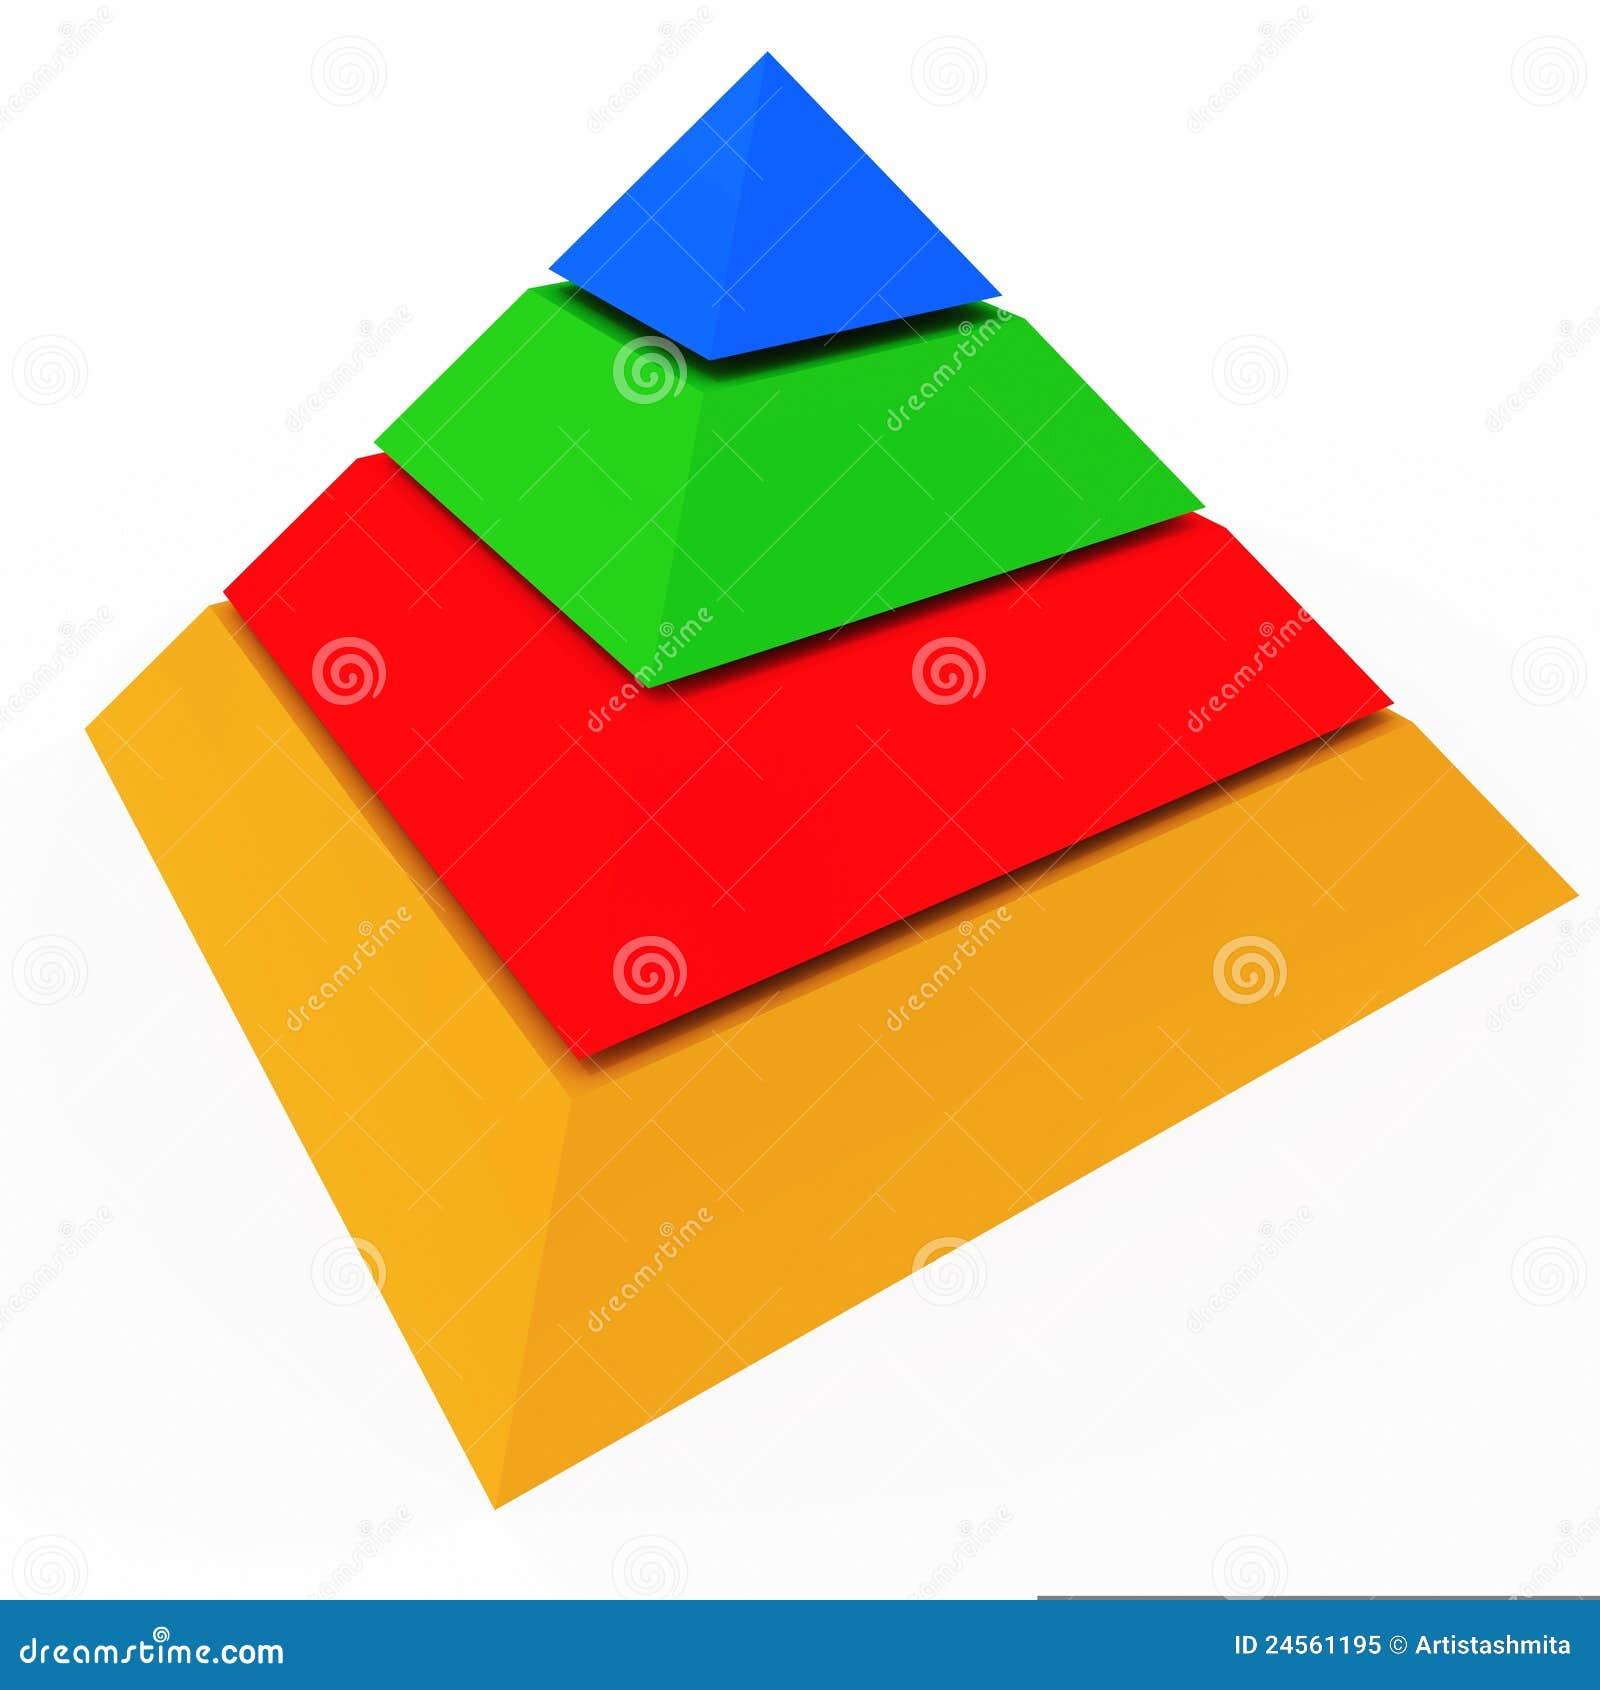 尖顶层次结构金字塔